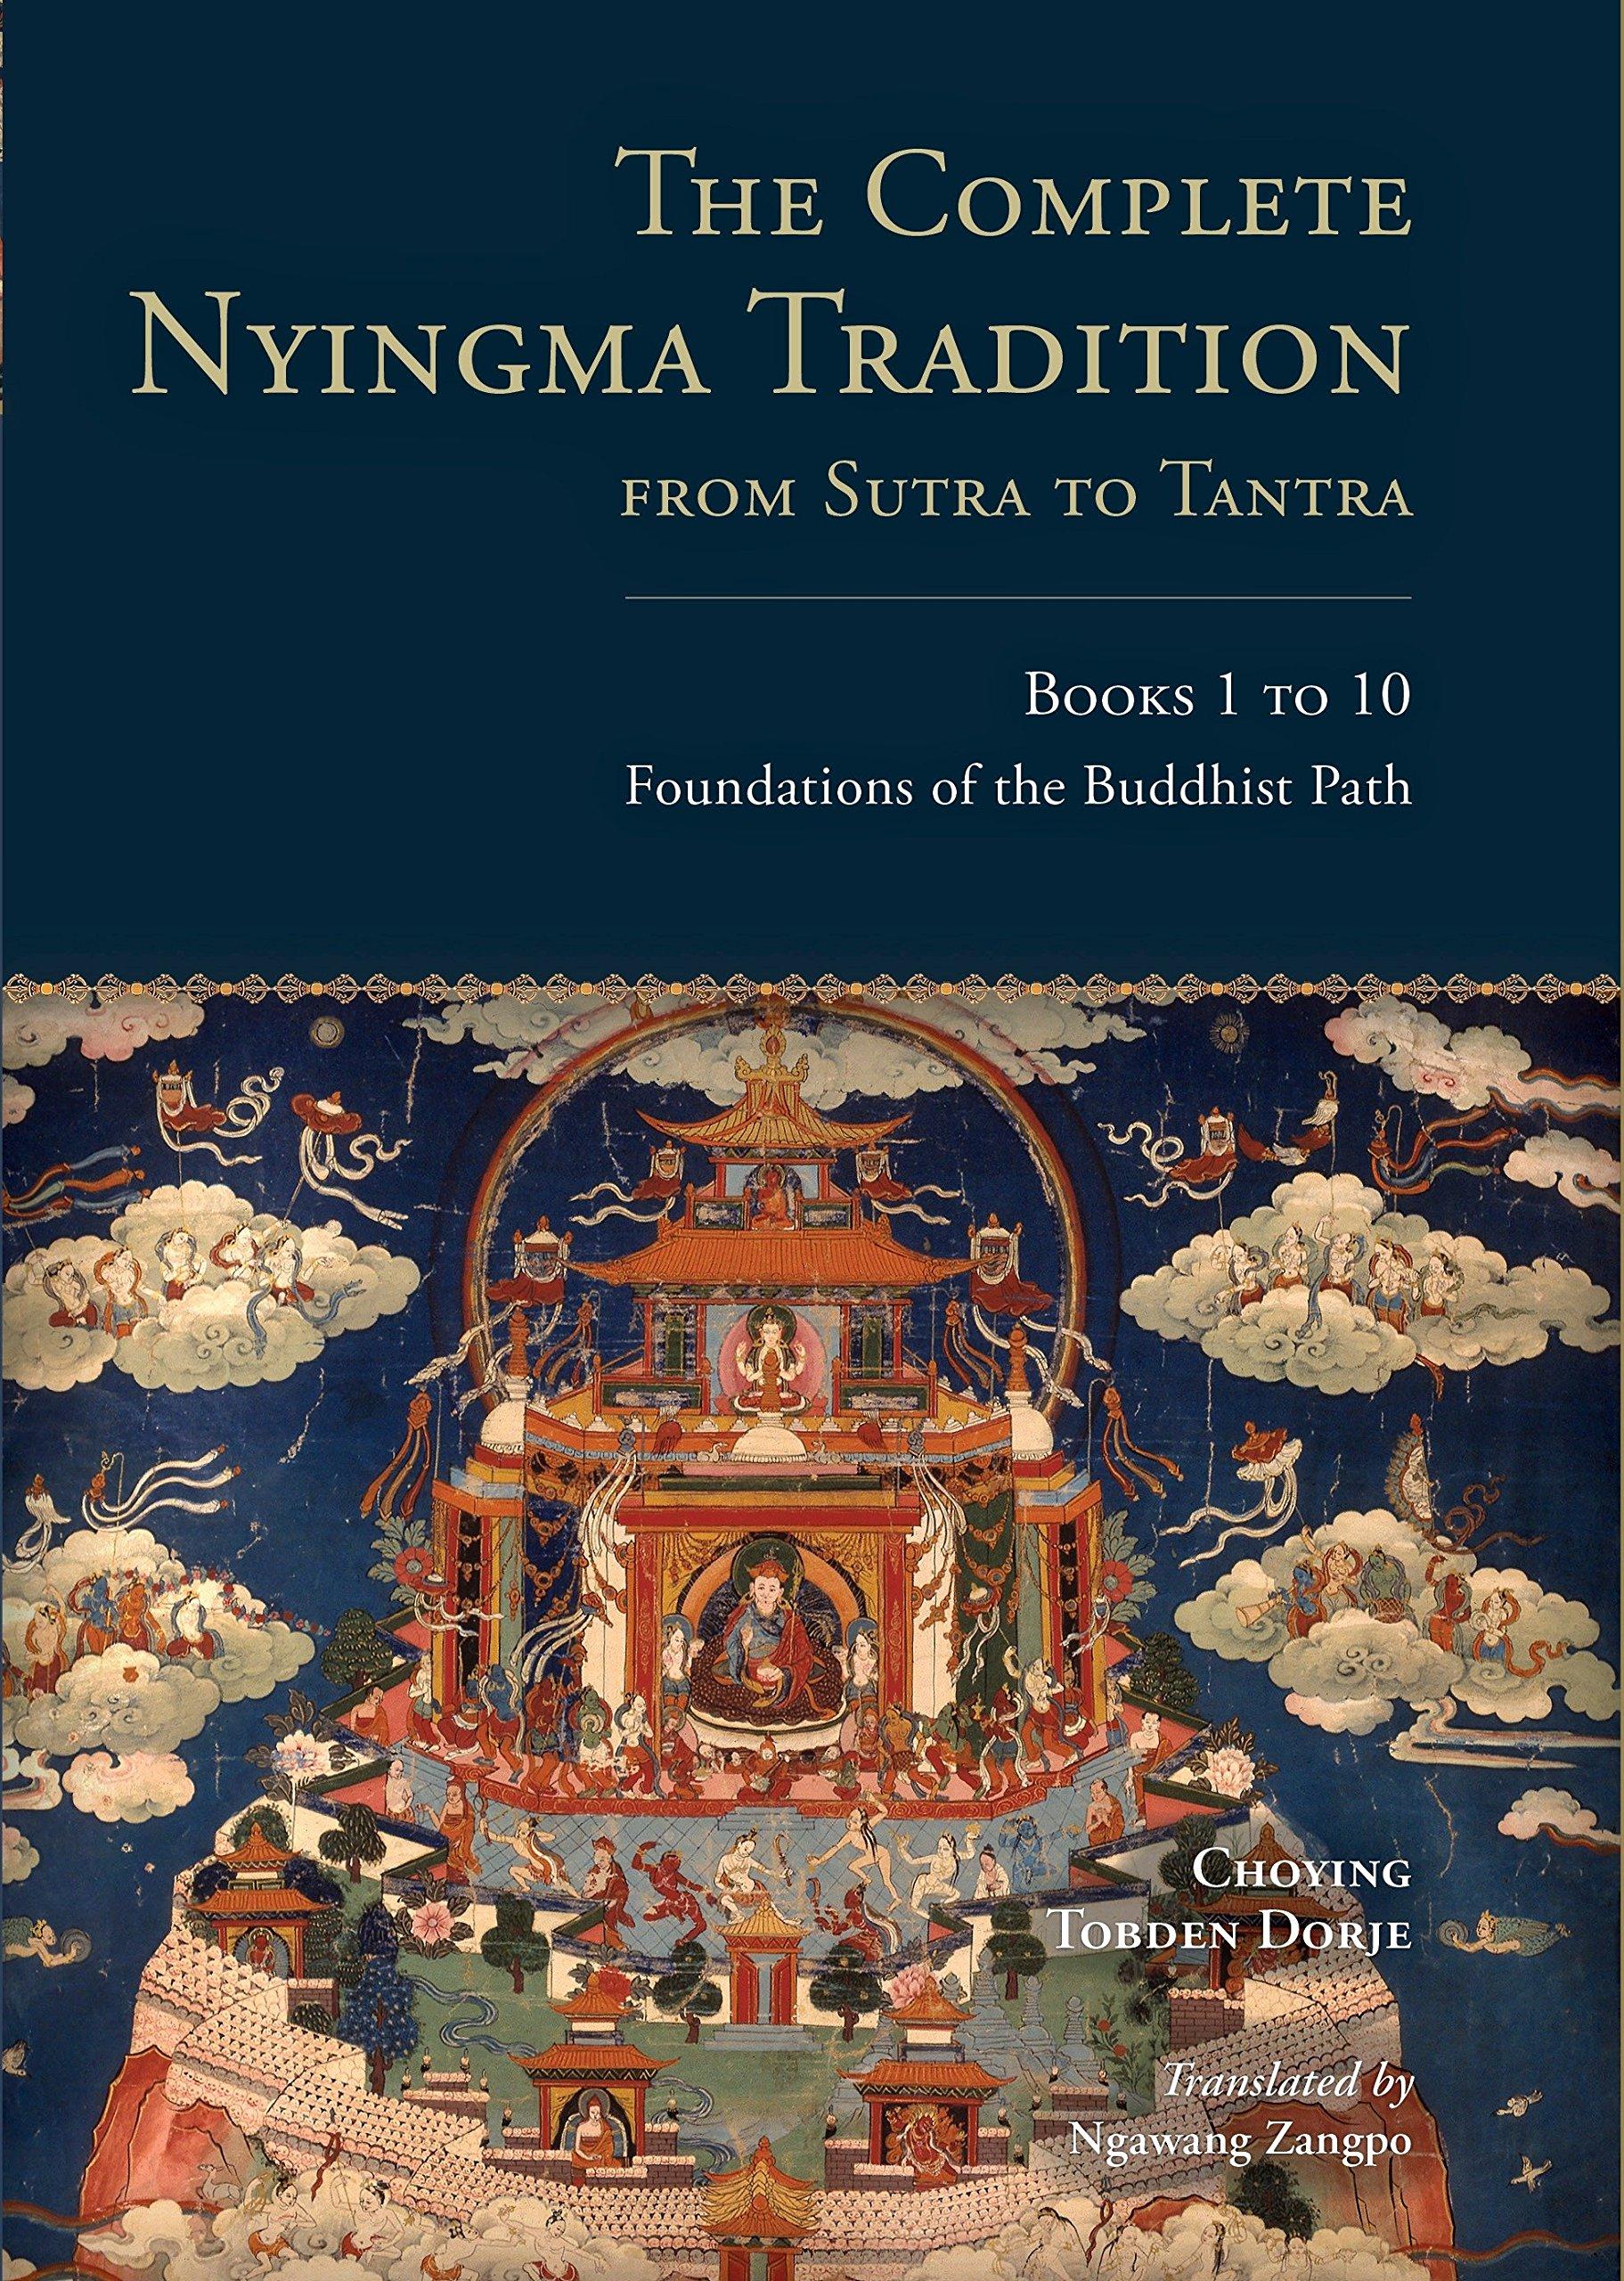 Choying Tobden Dorje Nyingma 14 cover art